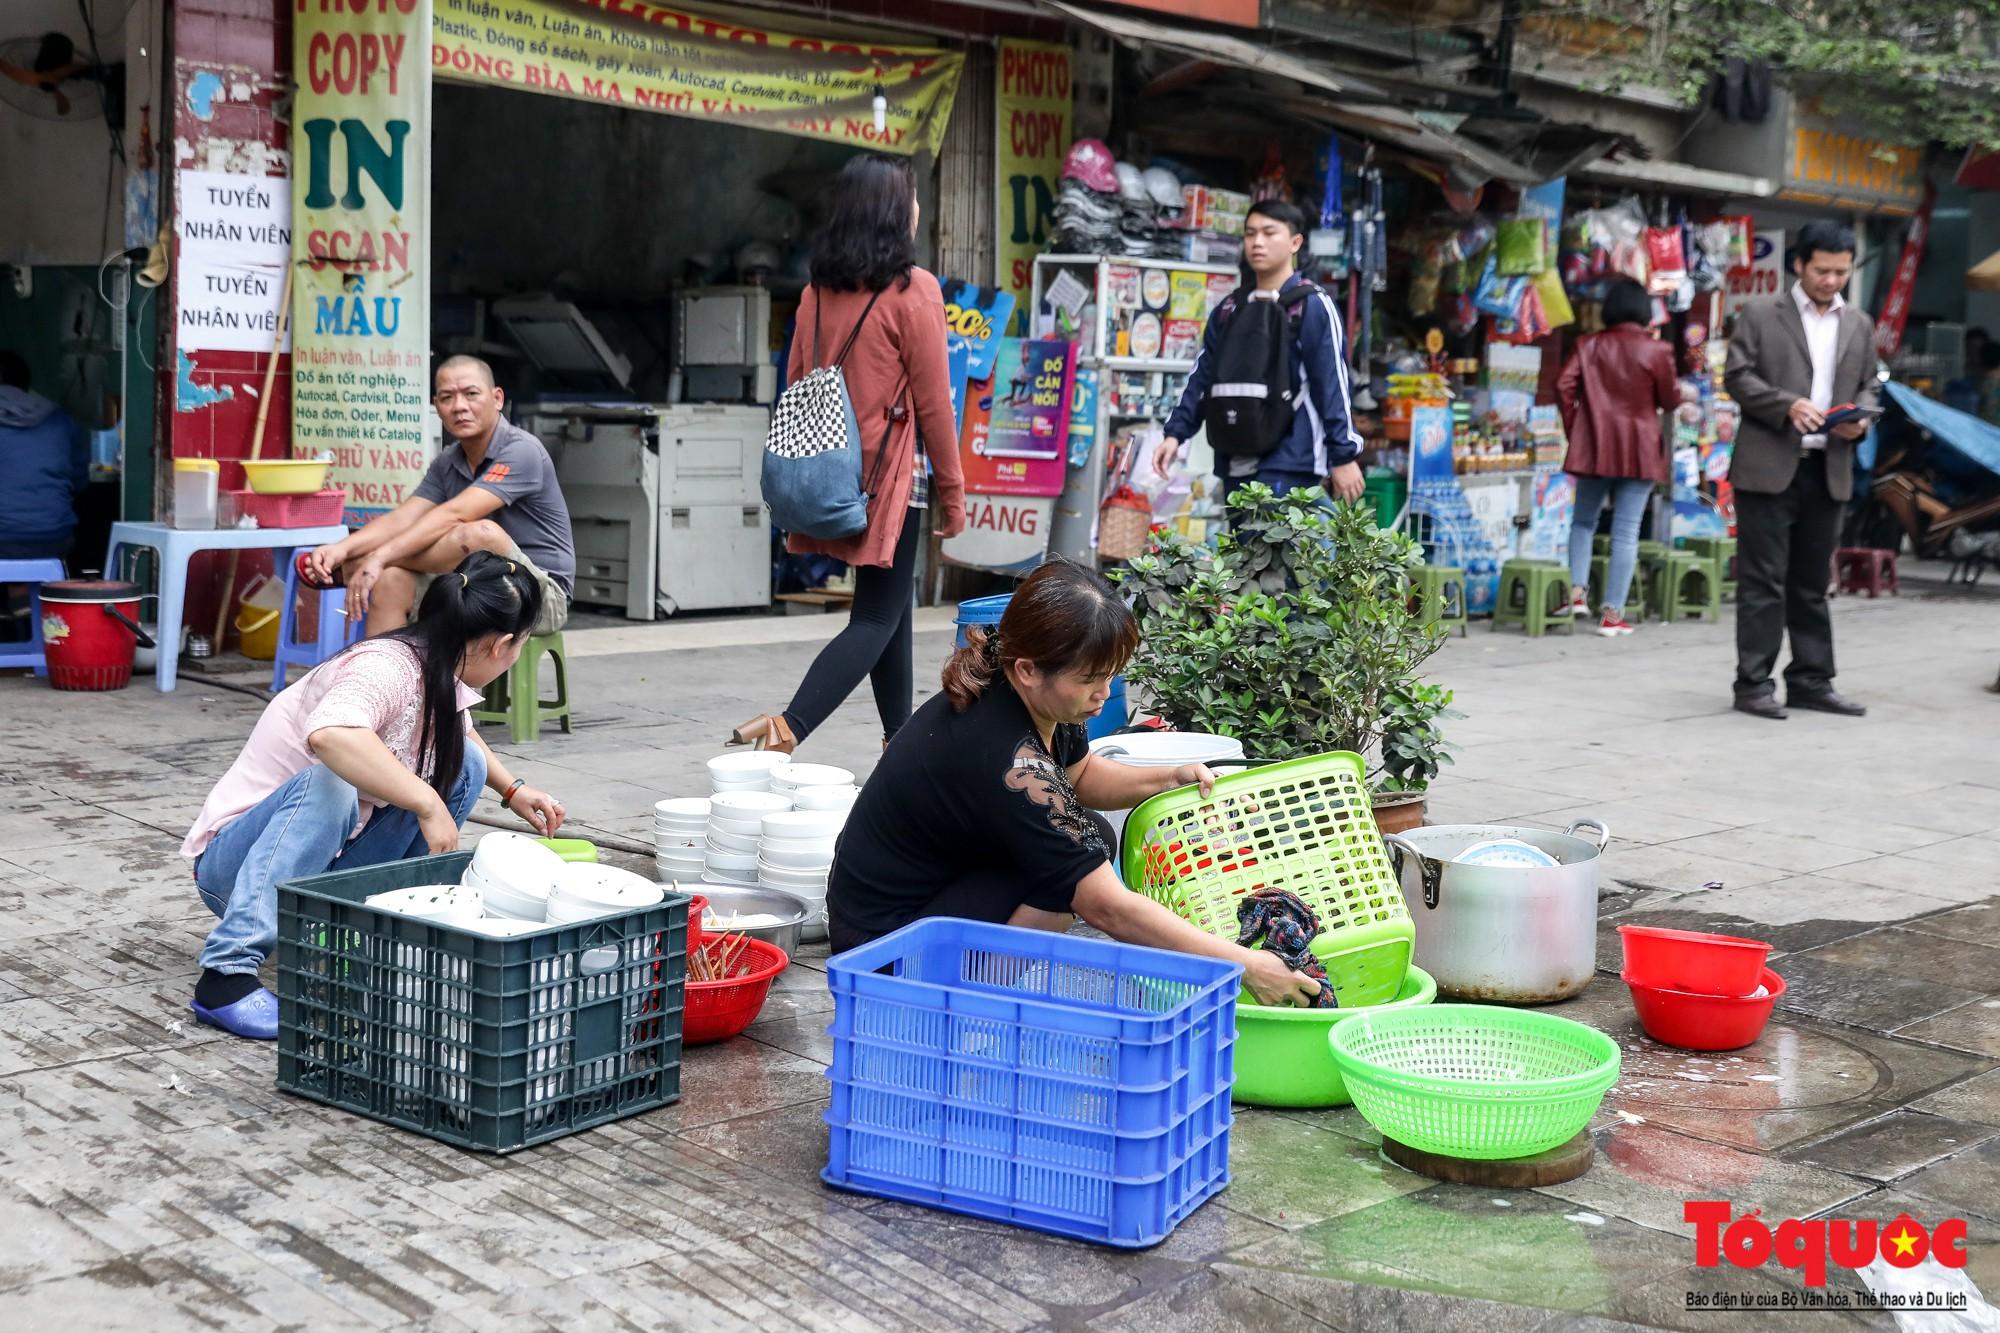 Nhìn những hình ảnh này mới thấy đề xuất cấm xe máy 6 tuyến phố Hà Nội là vô cảm với người dân nghèo - Ảnh 12.